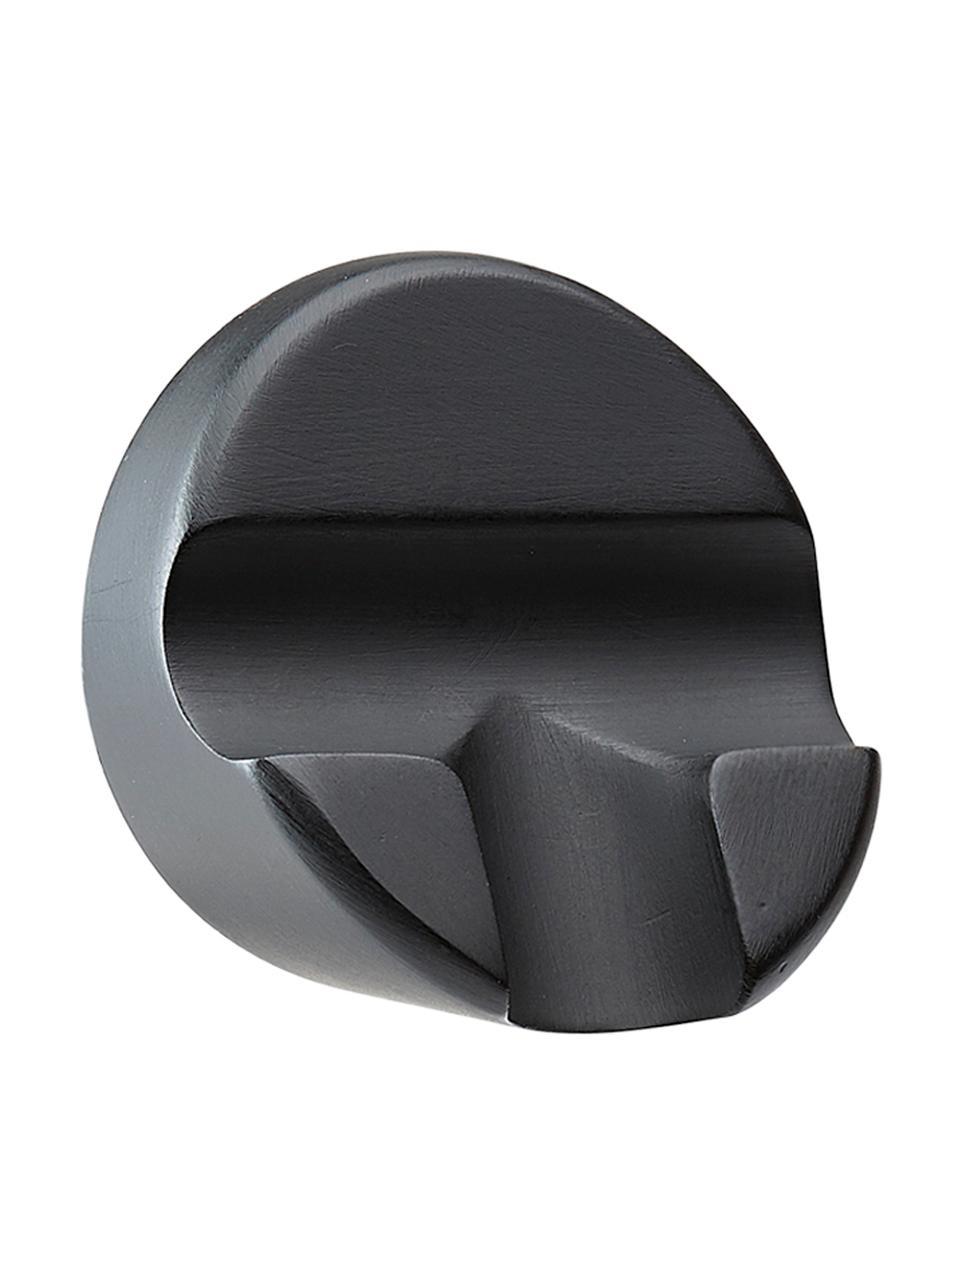 Tergivetro con supporto a parete Nova, Tergivetro: plastica (ABS), Labbro: silicone, Nero, Larg. 21 x Alt. 5 cm